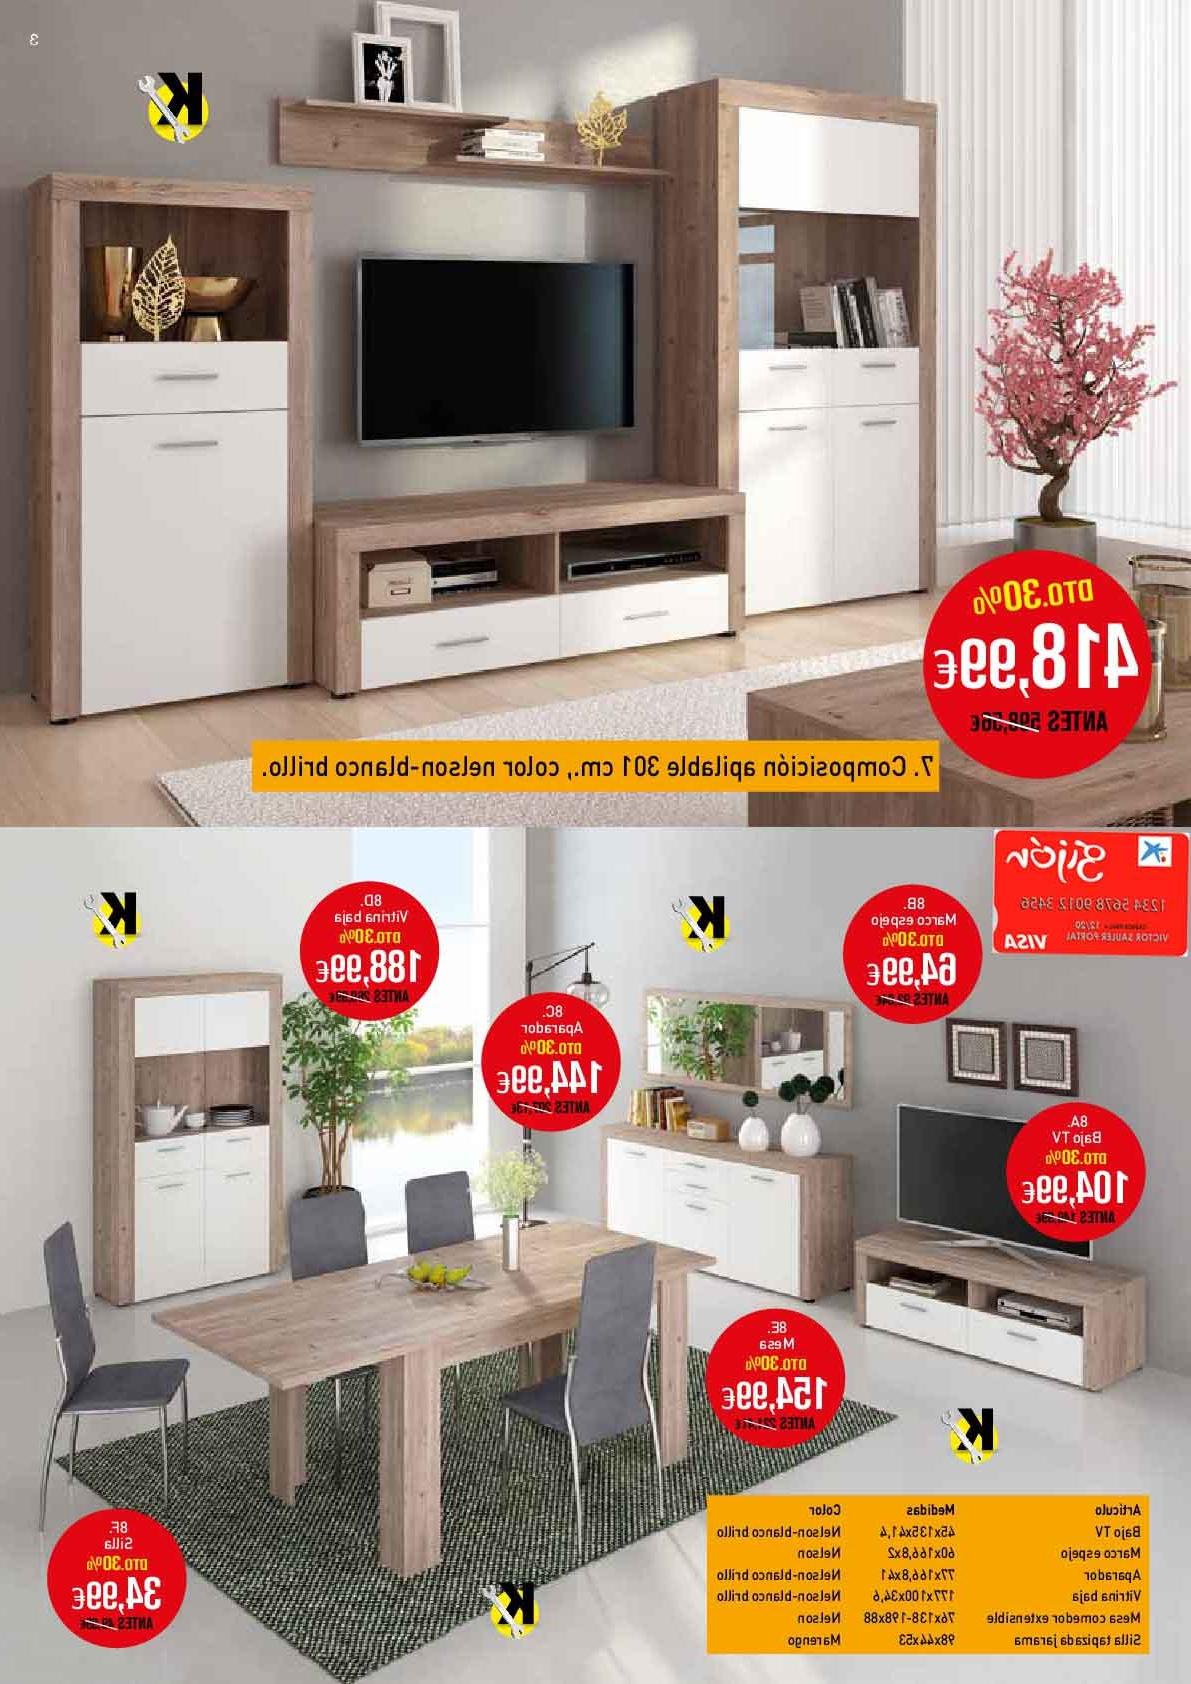 Tiendas De Muebles En asturias T8dj Tienda Muebles asturias 14 Salones Con Vistas Al Mar